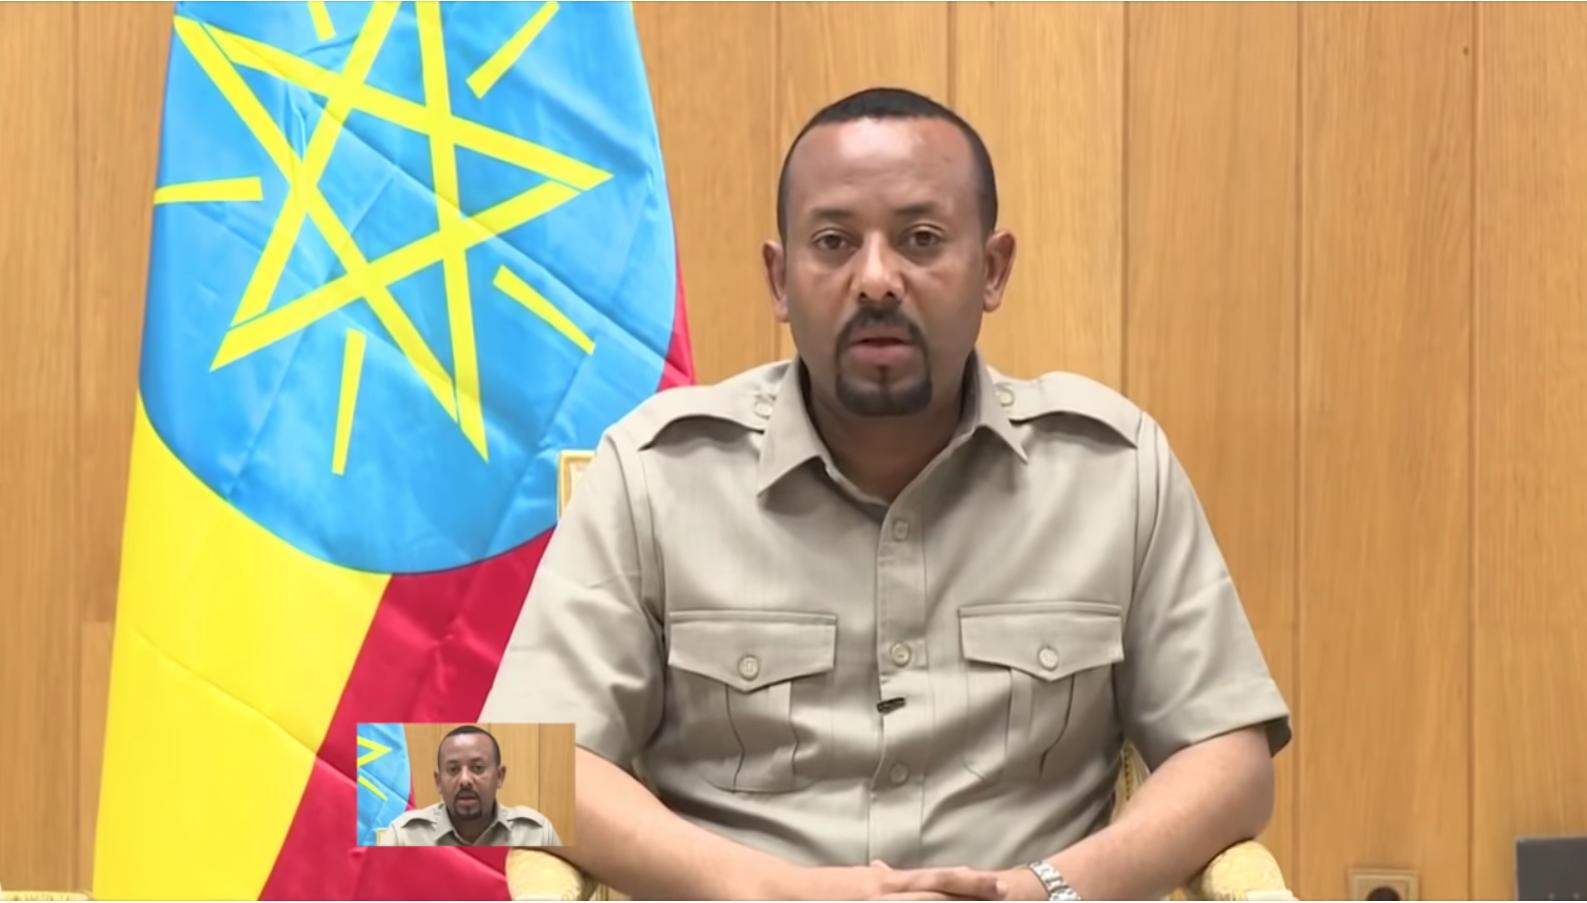 """[Daawo] Ra'isulwasaraha Ethiopia oo shaaciyay in Somalia iyo Ethiopia noqon doonaan hal dal """"Guushii uu ka gaaray Safarkiisii Muqdisho"""""""